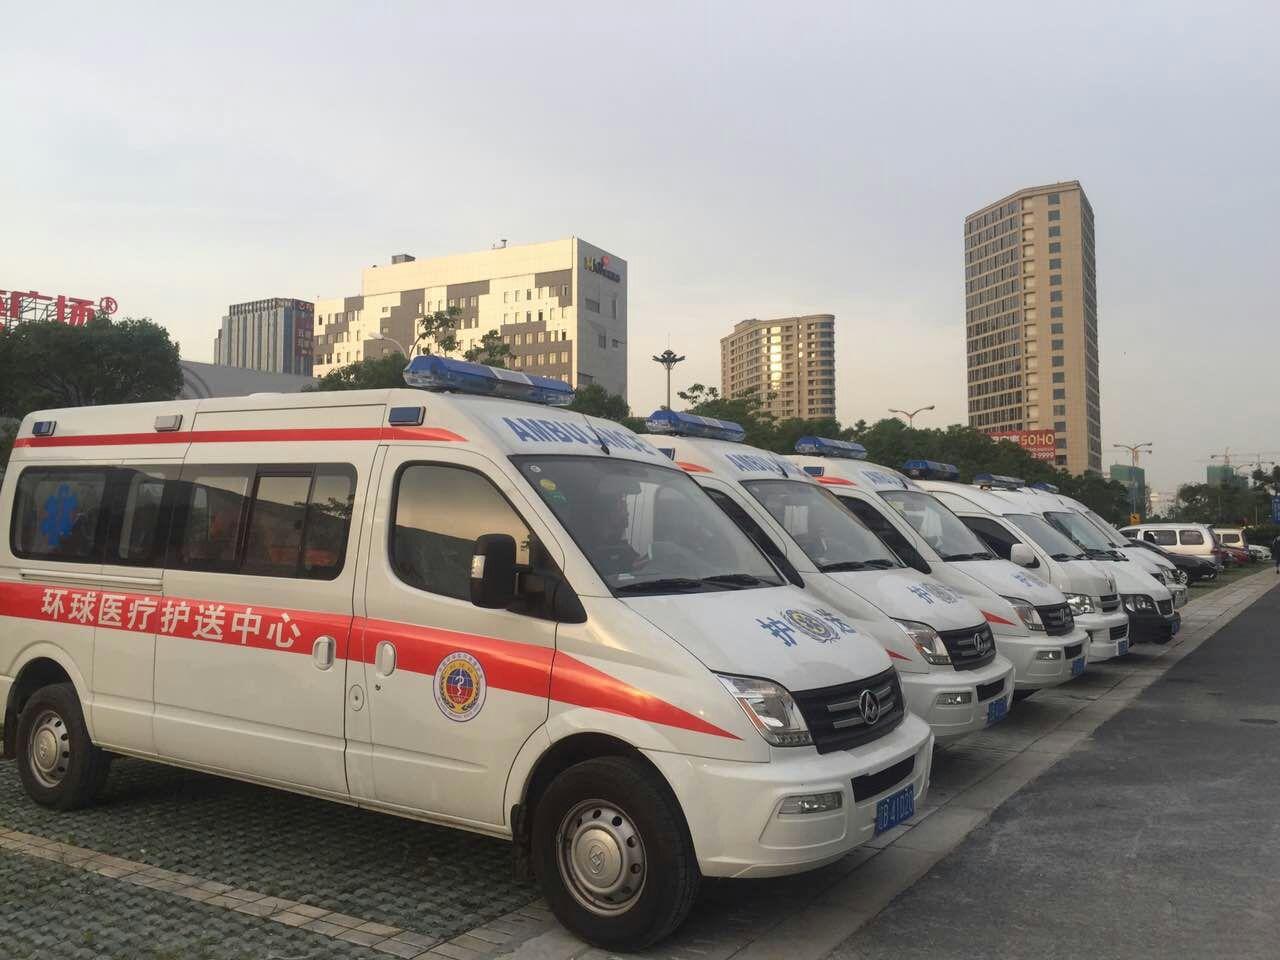 120急救车出租 上海跨省120急救车出租电话